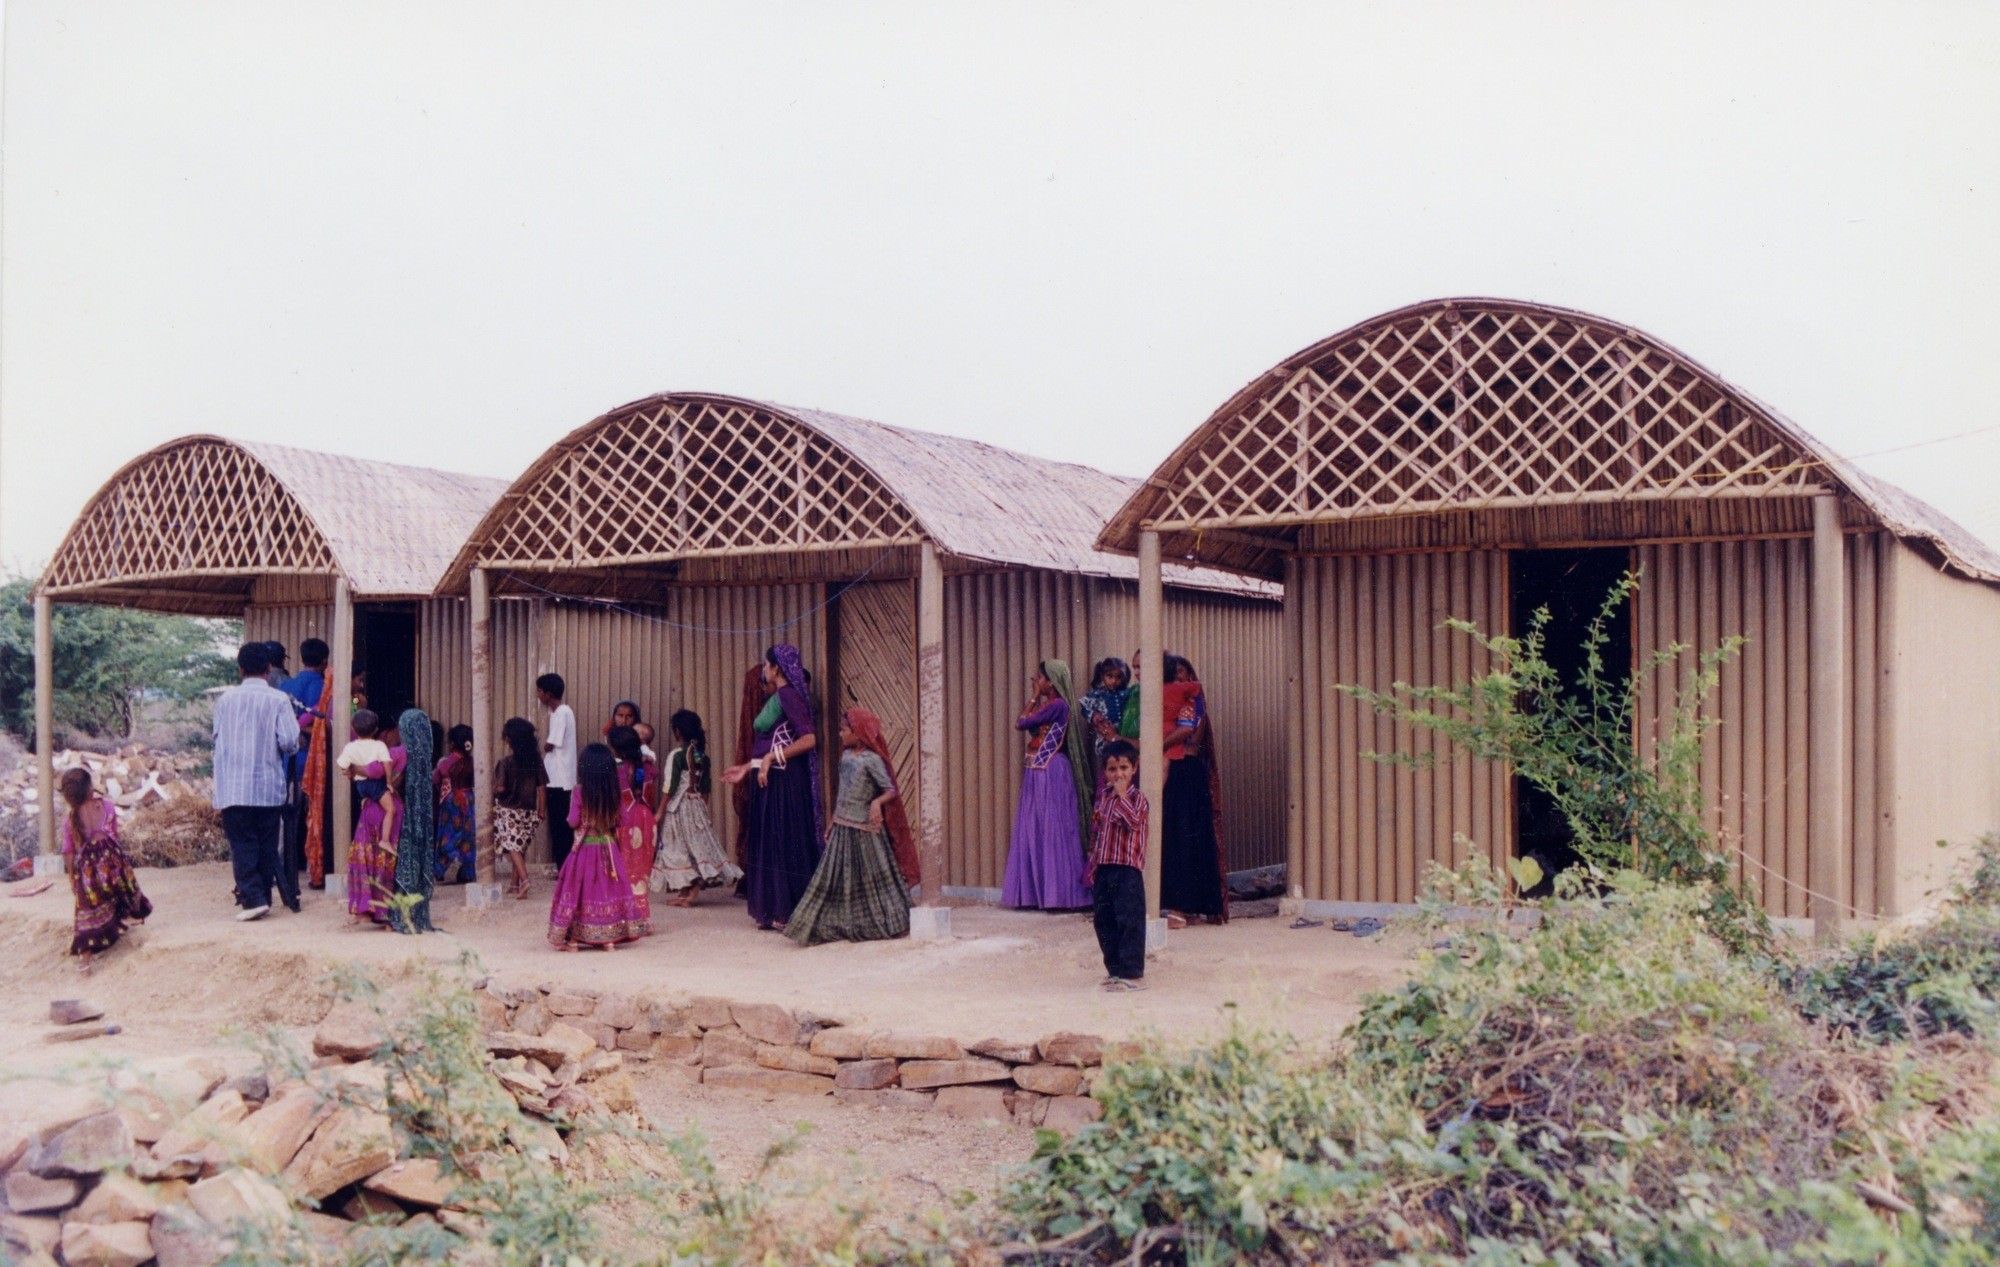 Shigeru Ban lança campanha para construir abrigos emergenciais no Nepal, Habitações permanentes na Índia feitas de tubos de papelão. Image © Kartikeya Shodhan